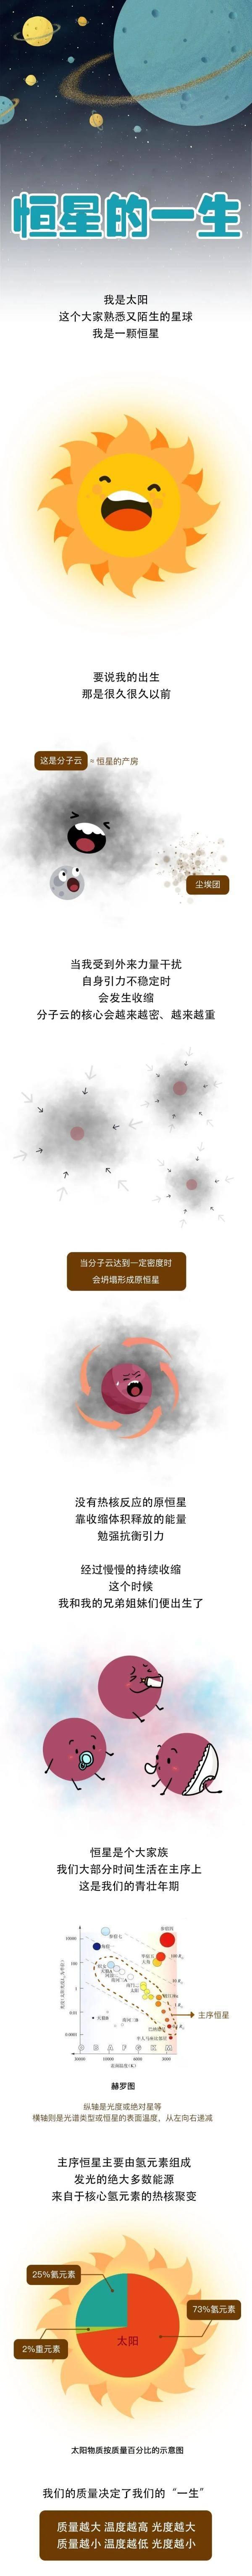 中国科学院■一起来看看恒星的一生,